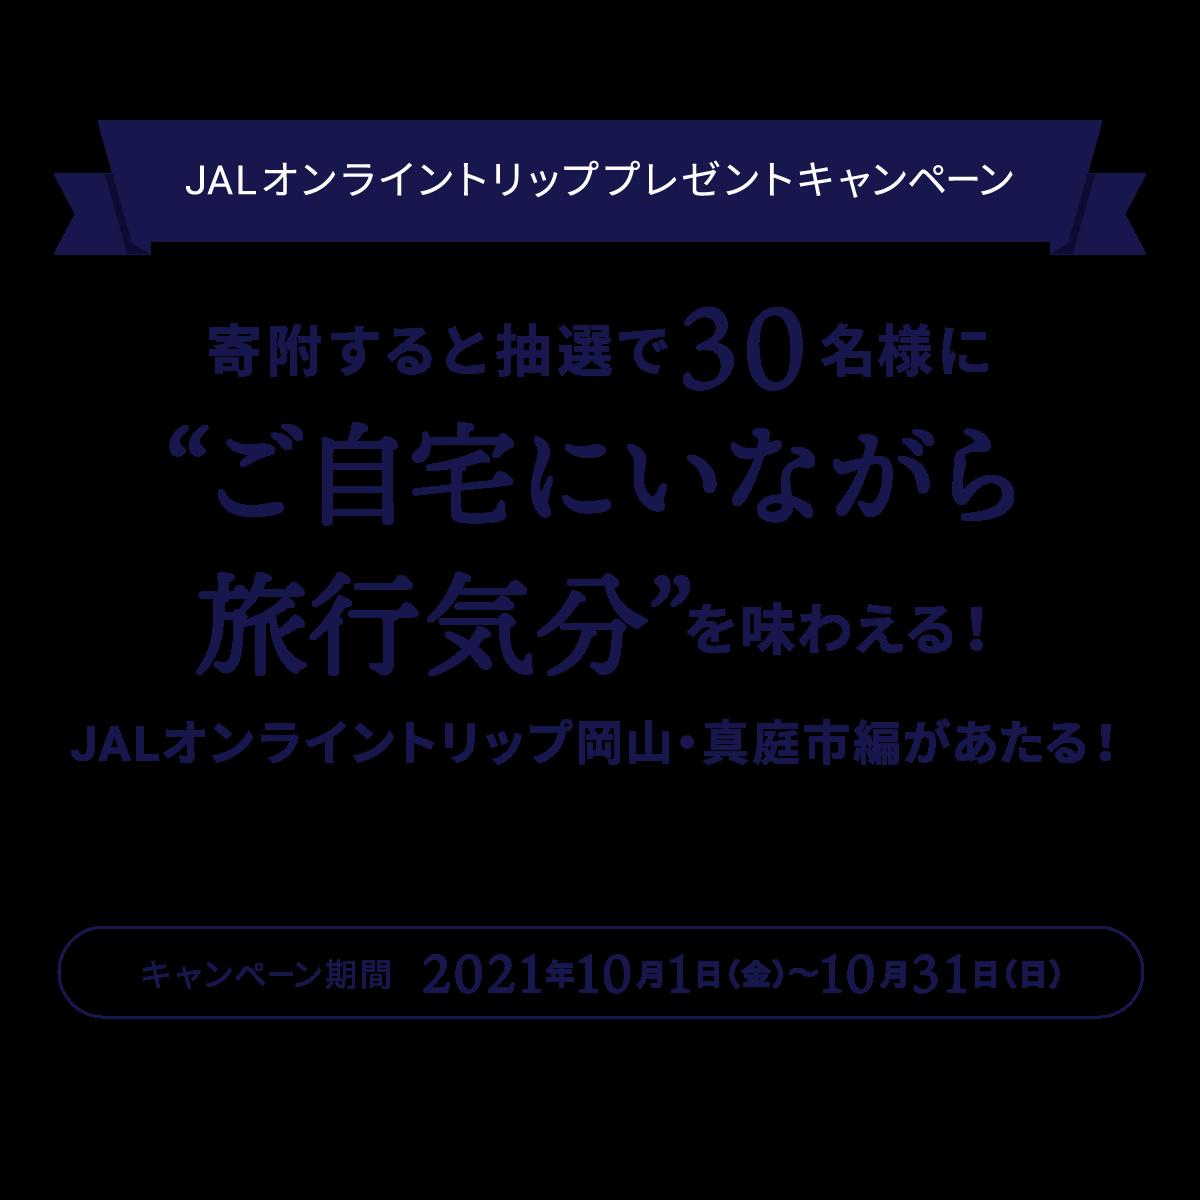 """JALオンライントリッププレゼントキャンペーン 寄付すると抽選で30名様に""""ご自宅にいながら旅行気分""""を味わえる!JALオンライントリップ岡山・真庭市編が当たる! JALオンライントリップ開催日:2021年11月27日(土)10:00~11:30 キャンペーン期間2021年10月1日(金)〜10月31日(日)"""